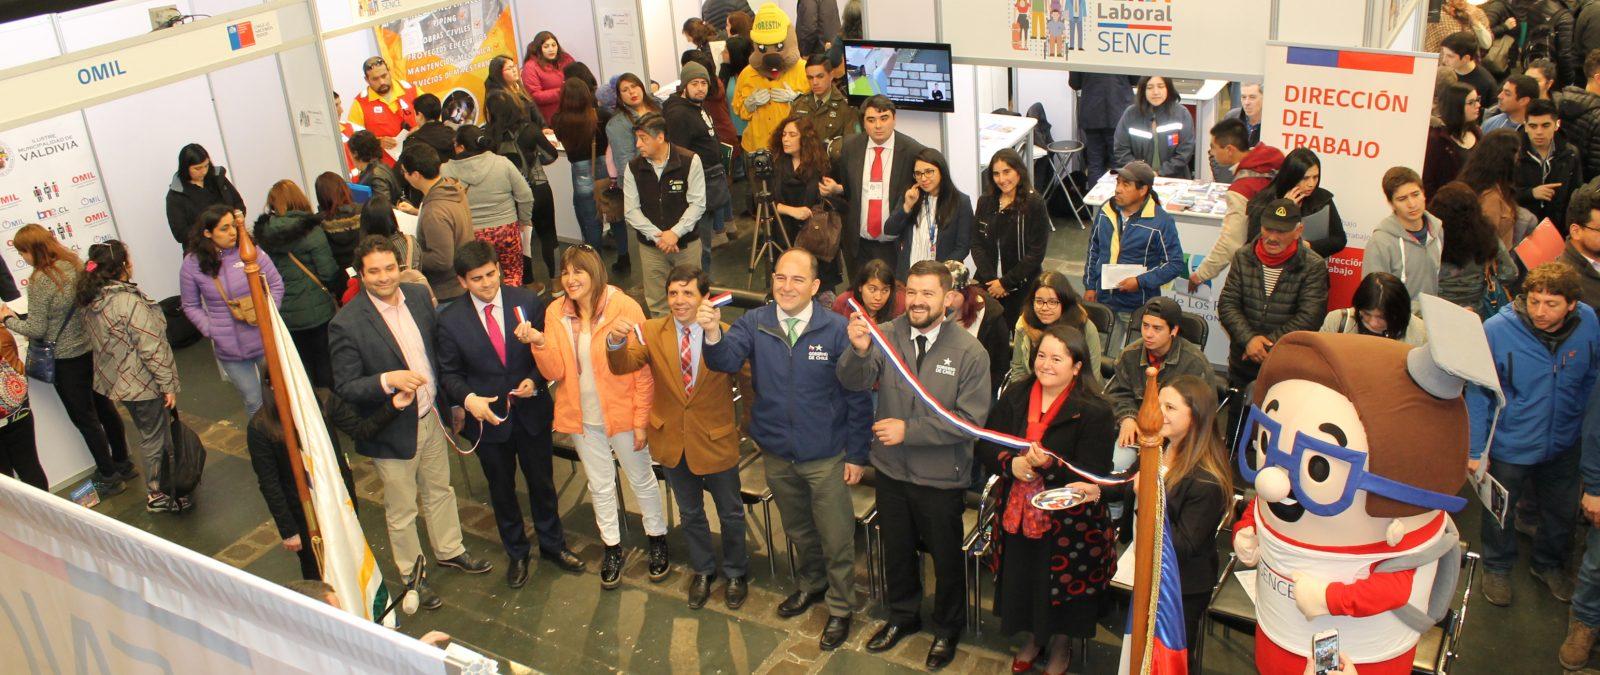 700 cupos de trabajo se ofrecieron en la Feria Laboral  del Sence en Valdivia